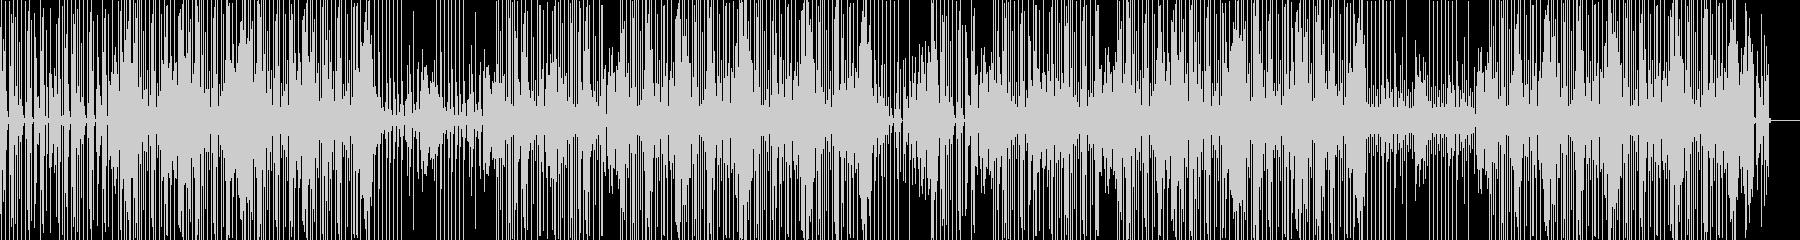 クールでゆったりなヒップホップBGMの未再生の波形